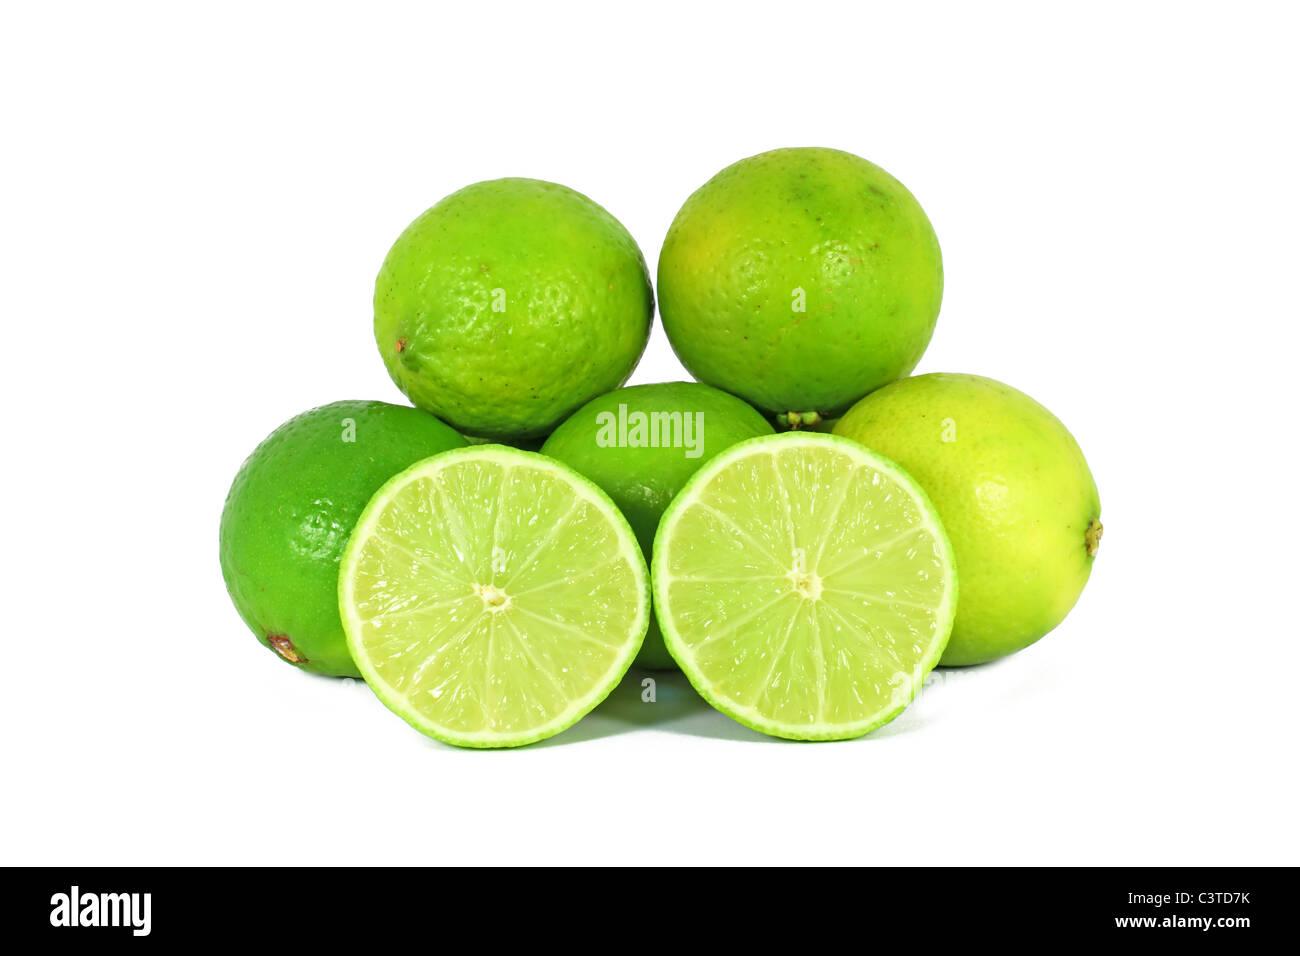 Limes, citrus fruit isolated on white background - Stock Image